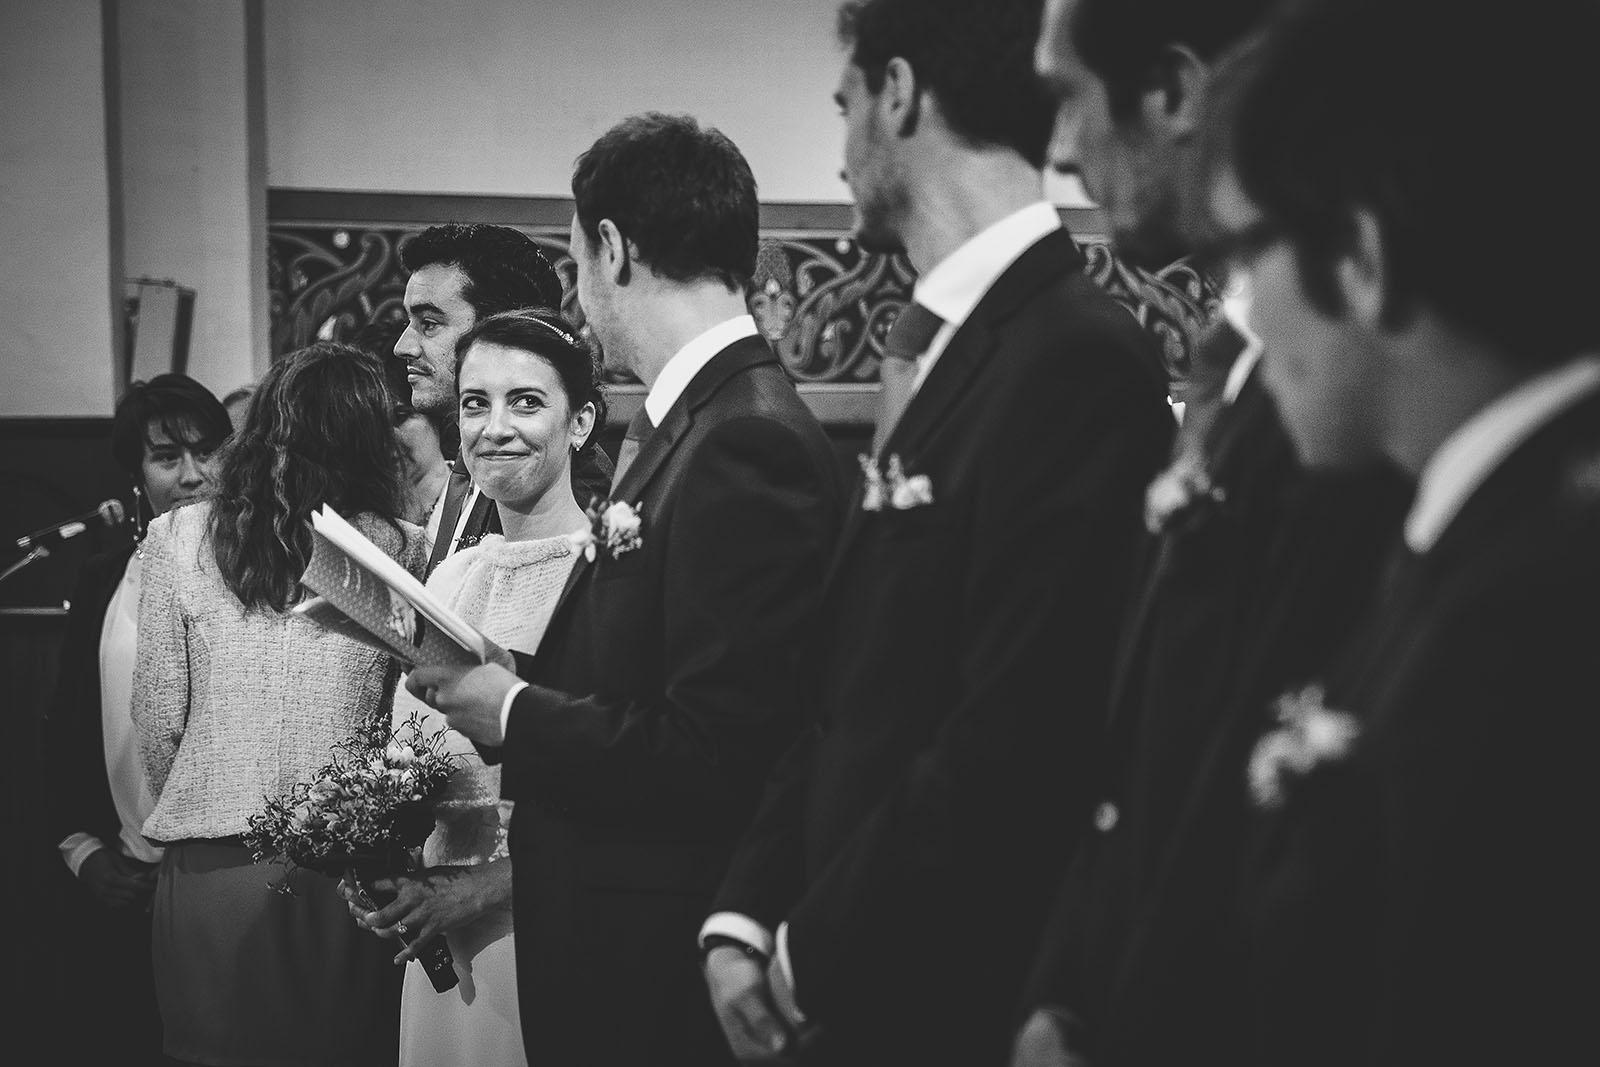 Mariage Château de Beauvoir. Ma marié regarde son mari avec émotion dans l'église. David Pommier photographe de mariage émotion